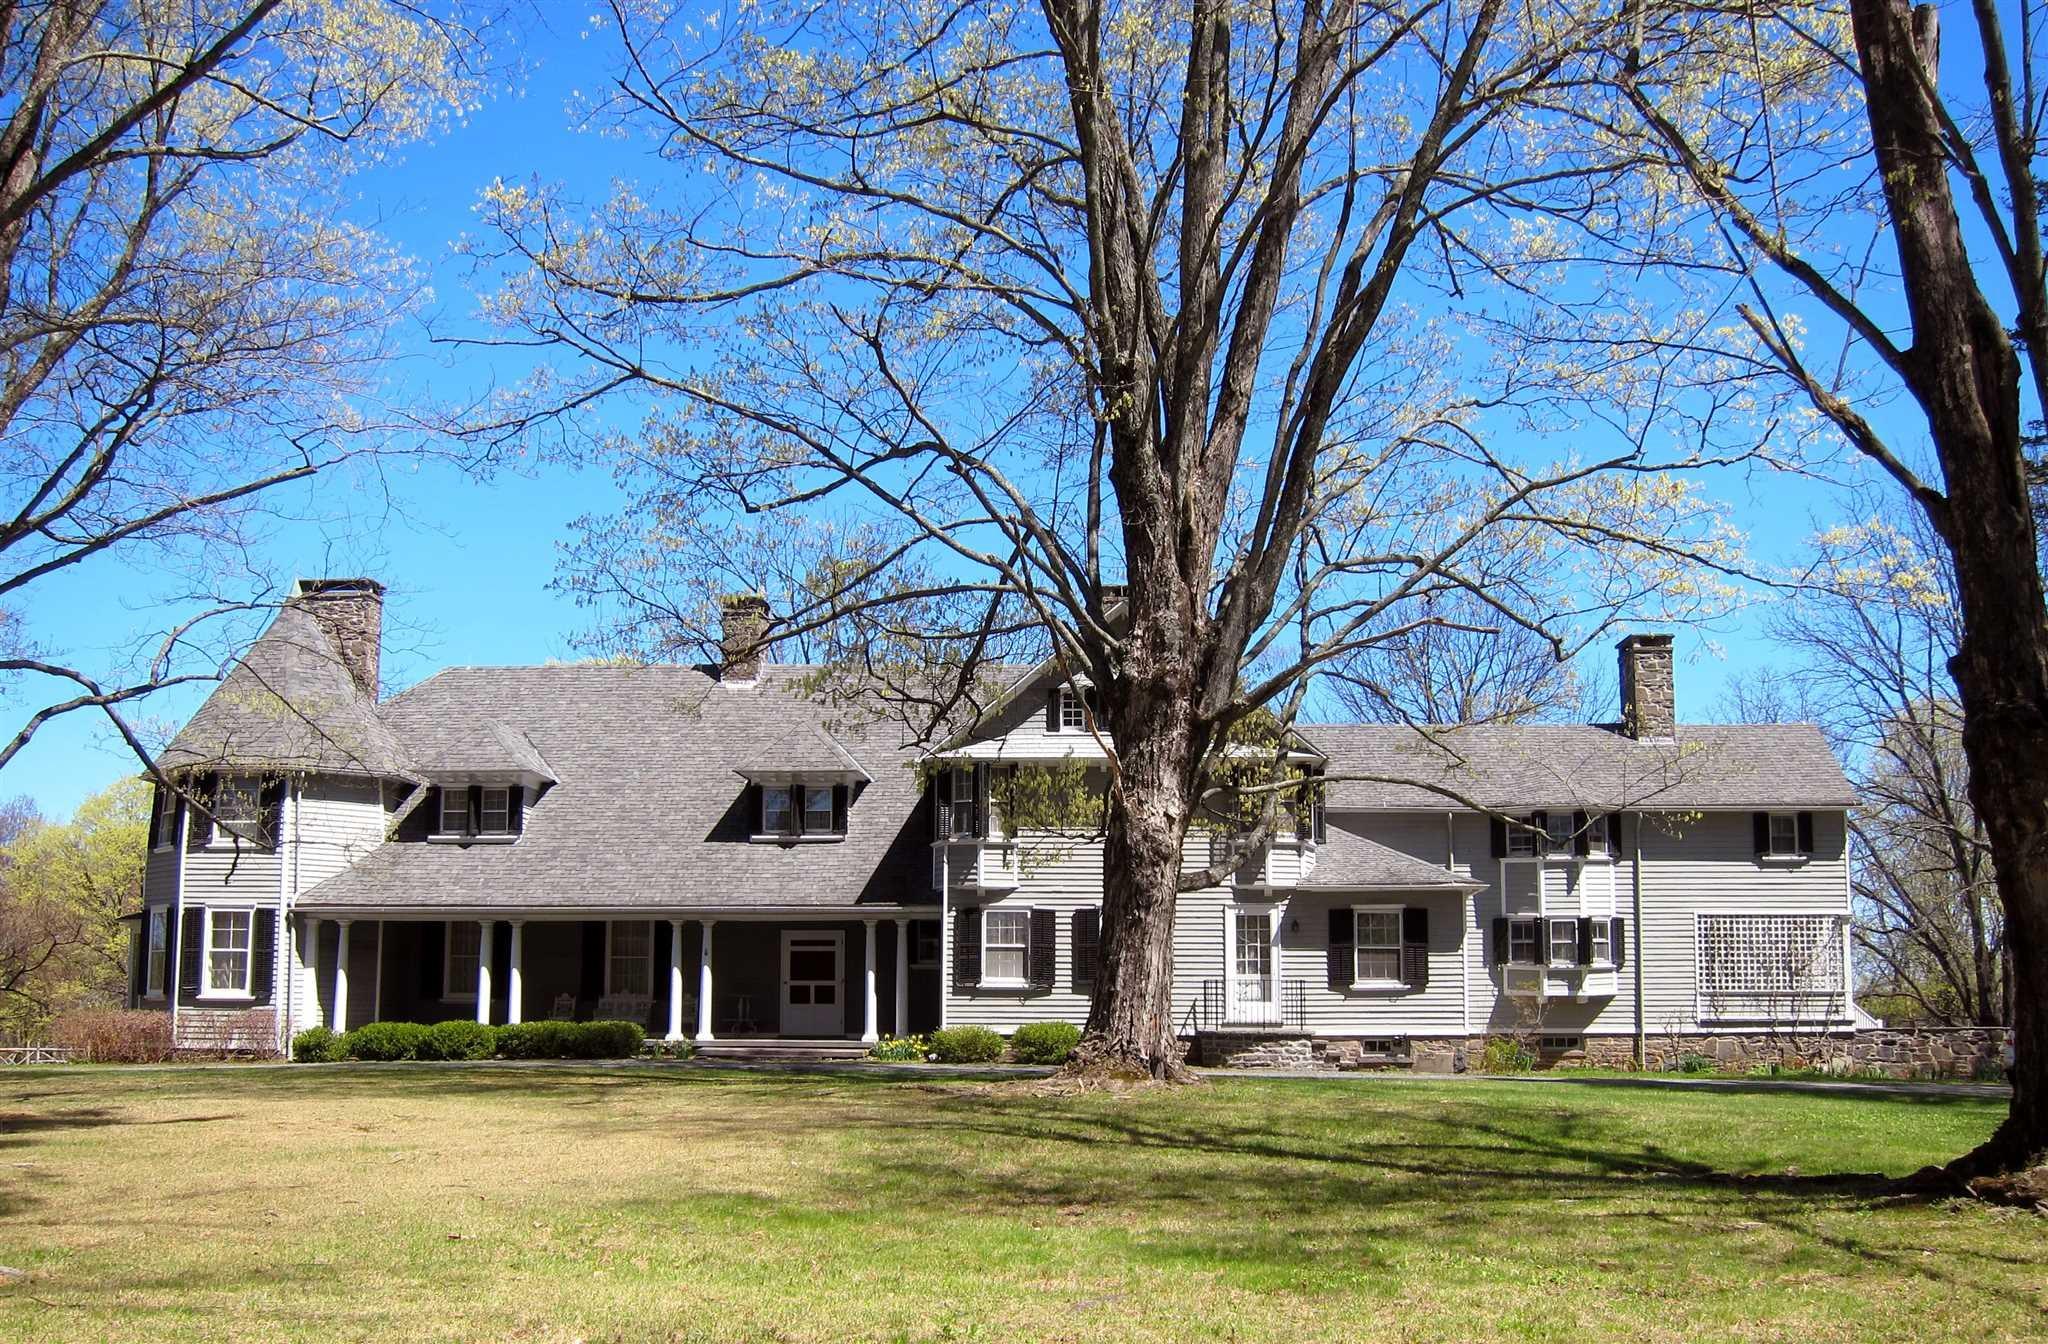 Single Family Home for Sale at 55 LEGGETT Road 55 LEGGETT Road Marbletown, New York 12484 United States